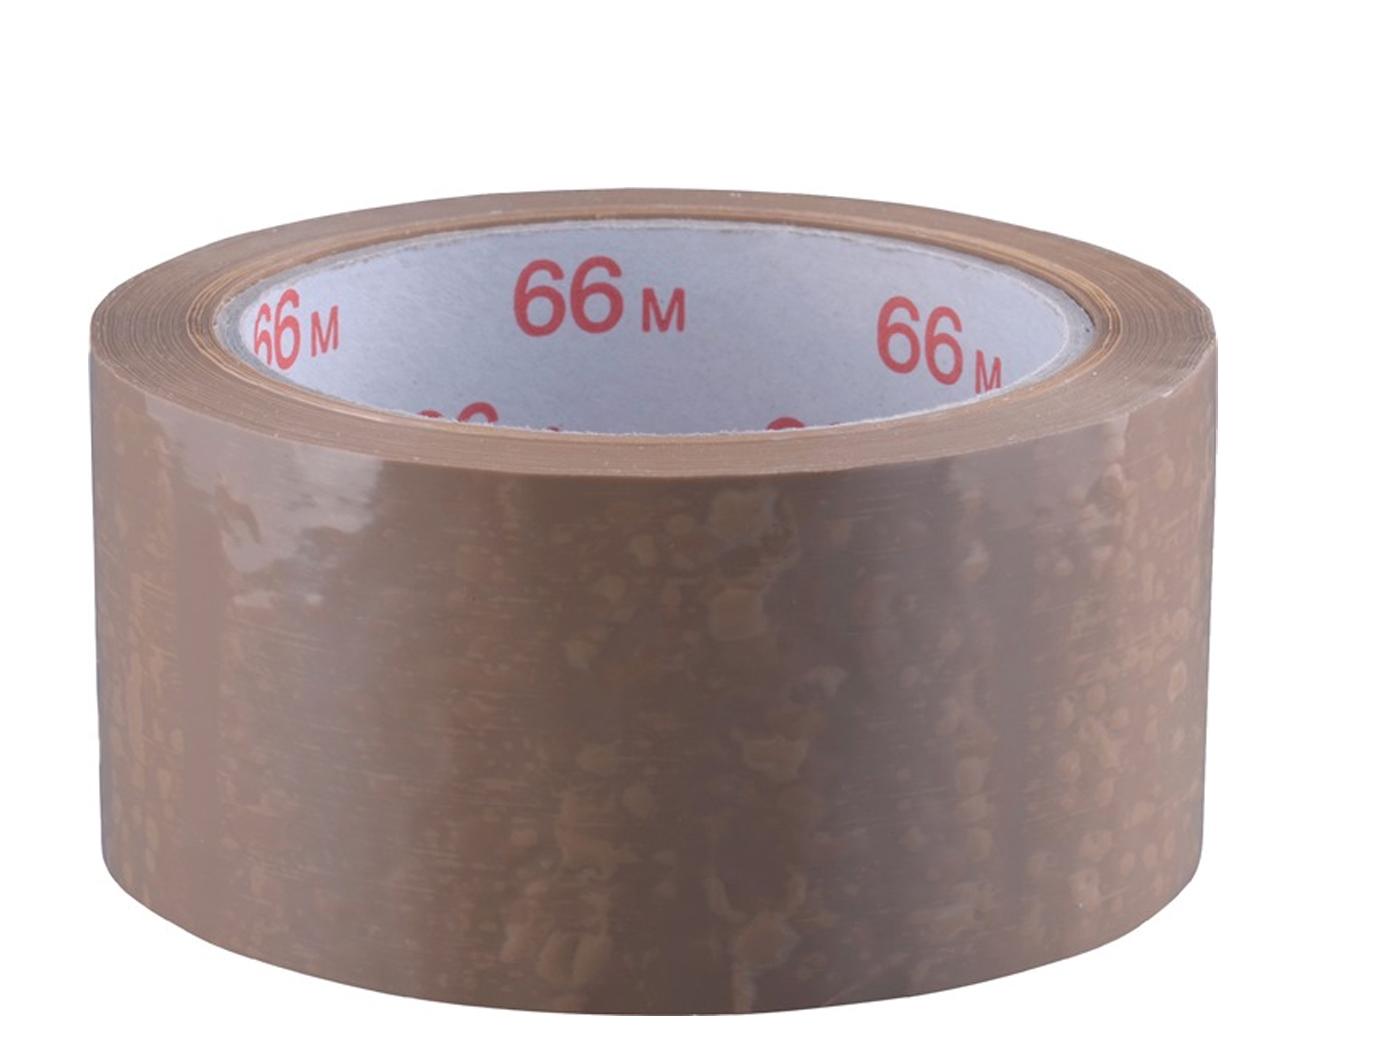 Verpakkingsplakband PVC lengte 66m B. 50mm bruin pvc-folie rol